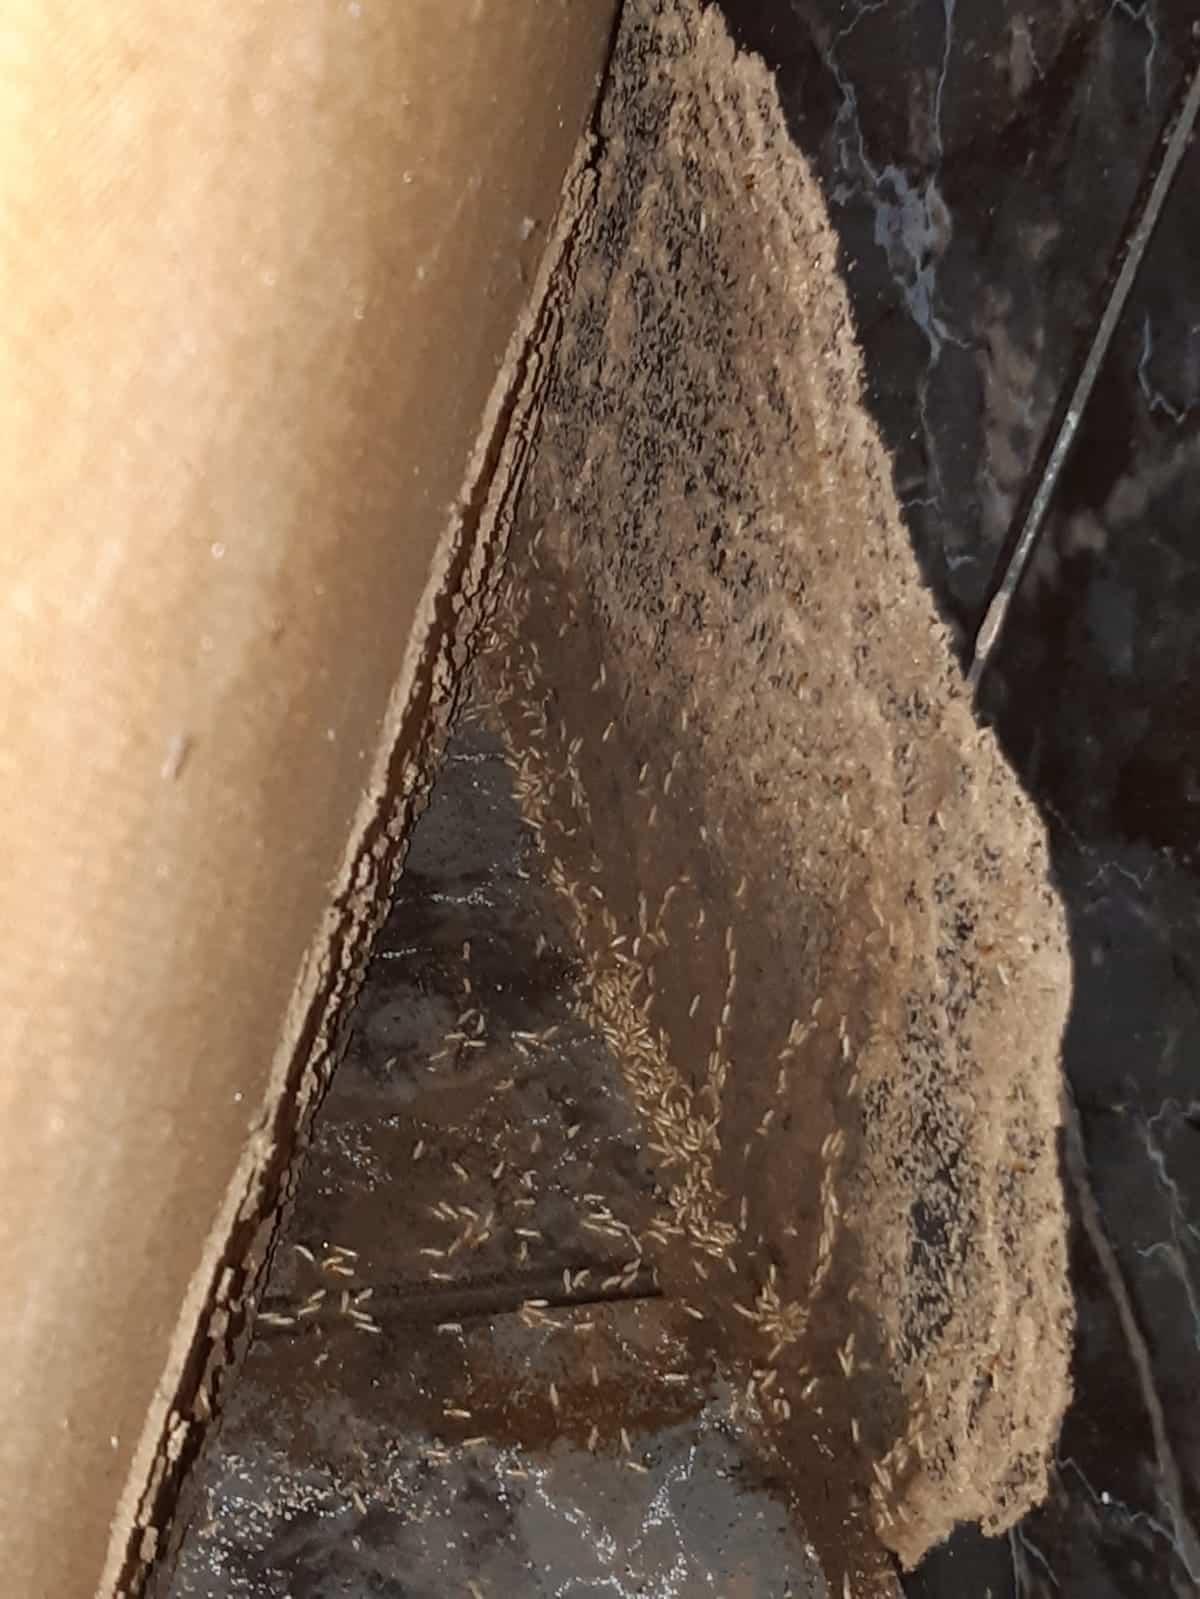 Termitas devorando suelo de madera